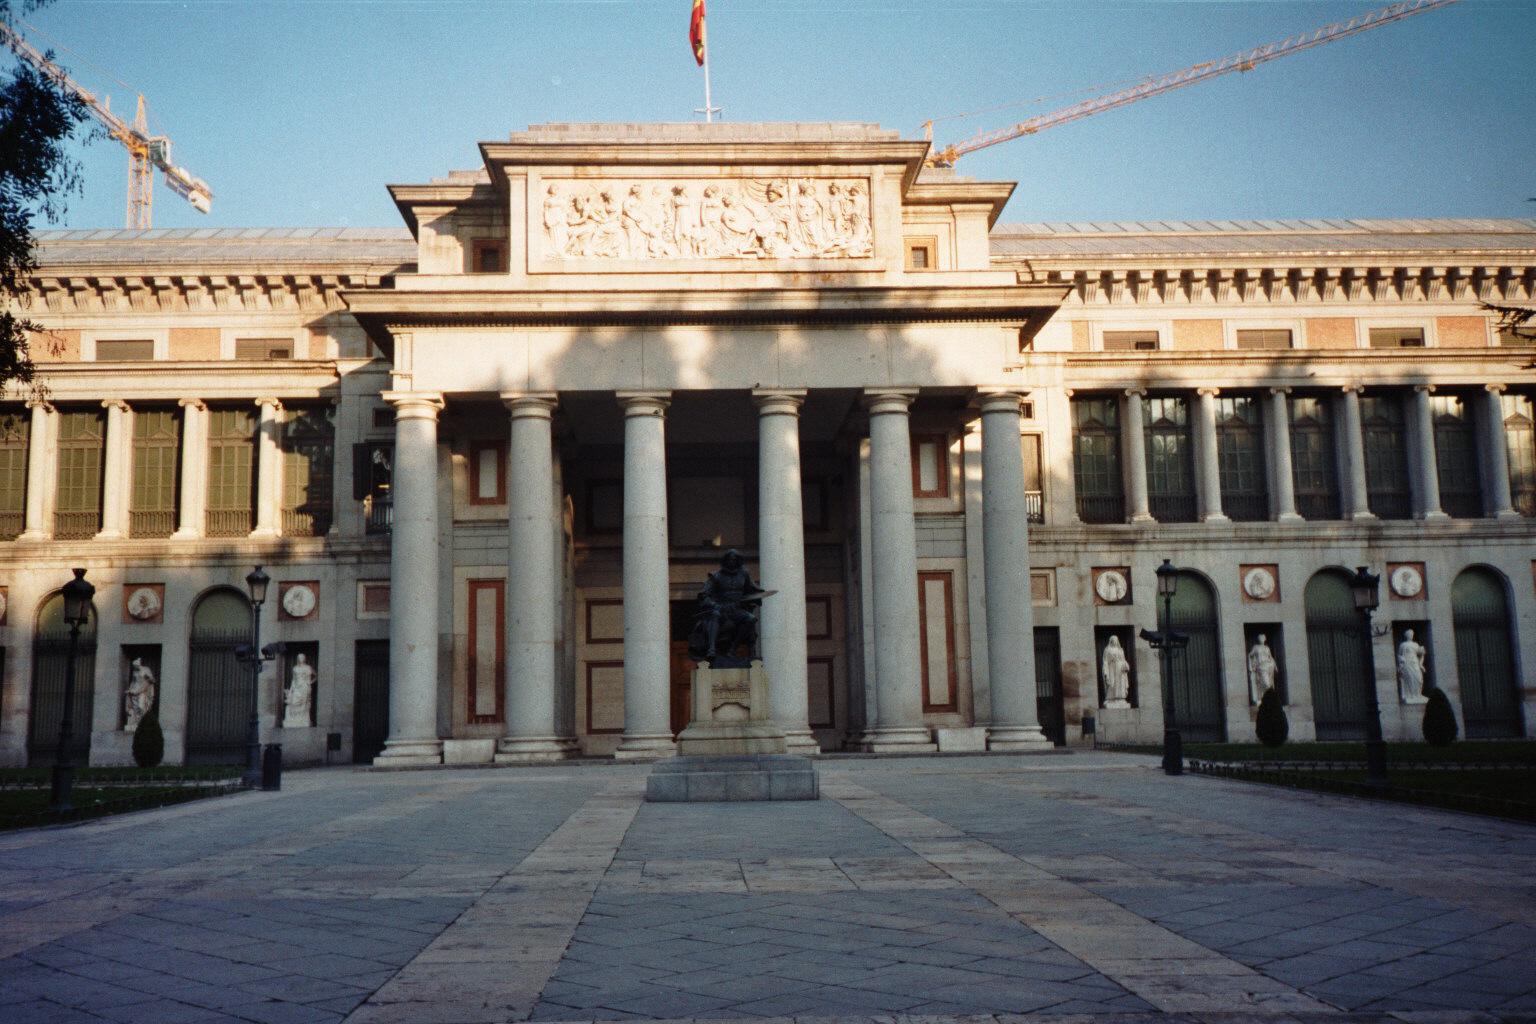 File:Prado Museum, Madrid 2.jpg